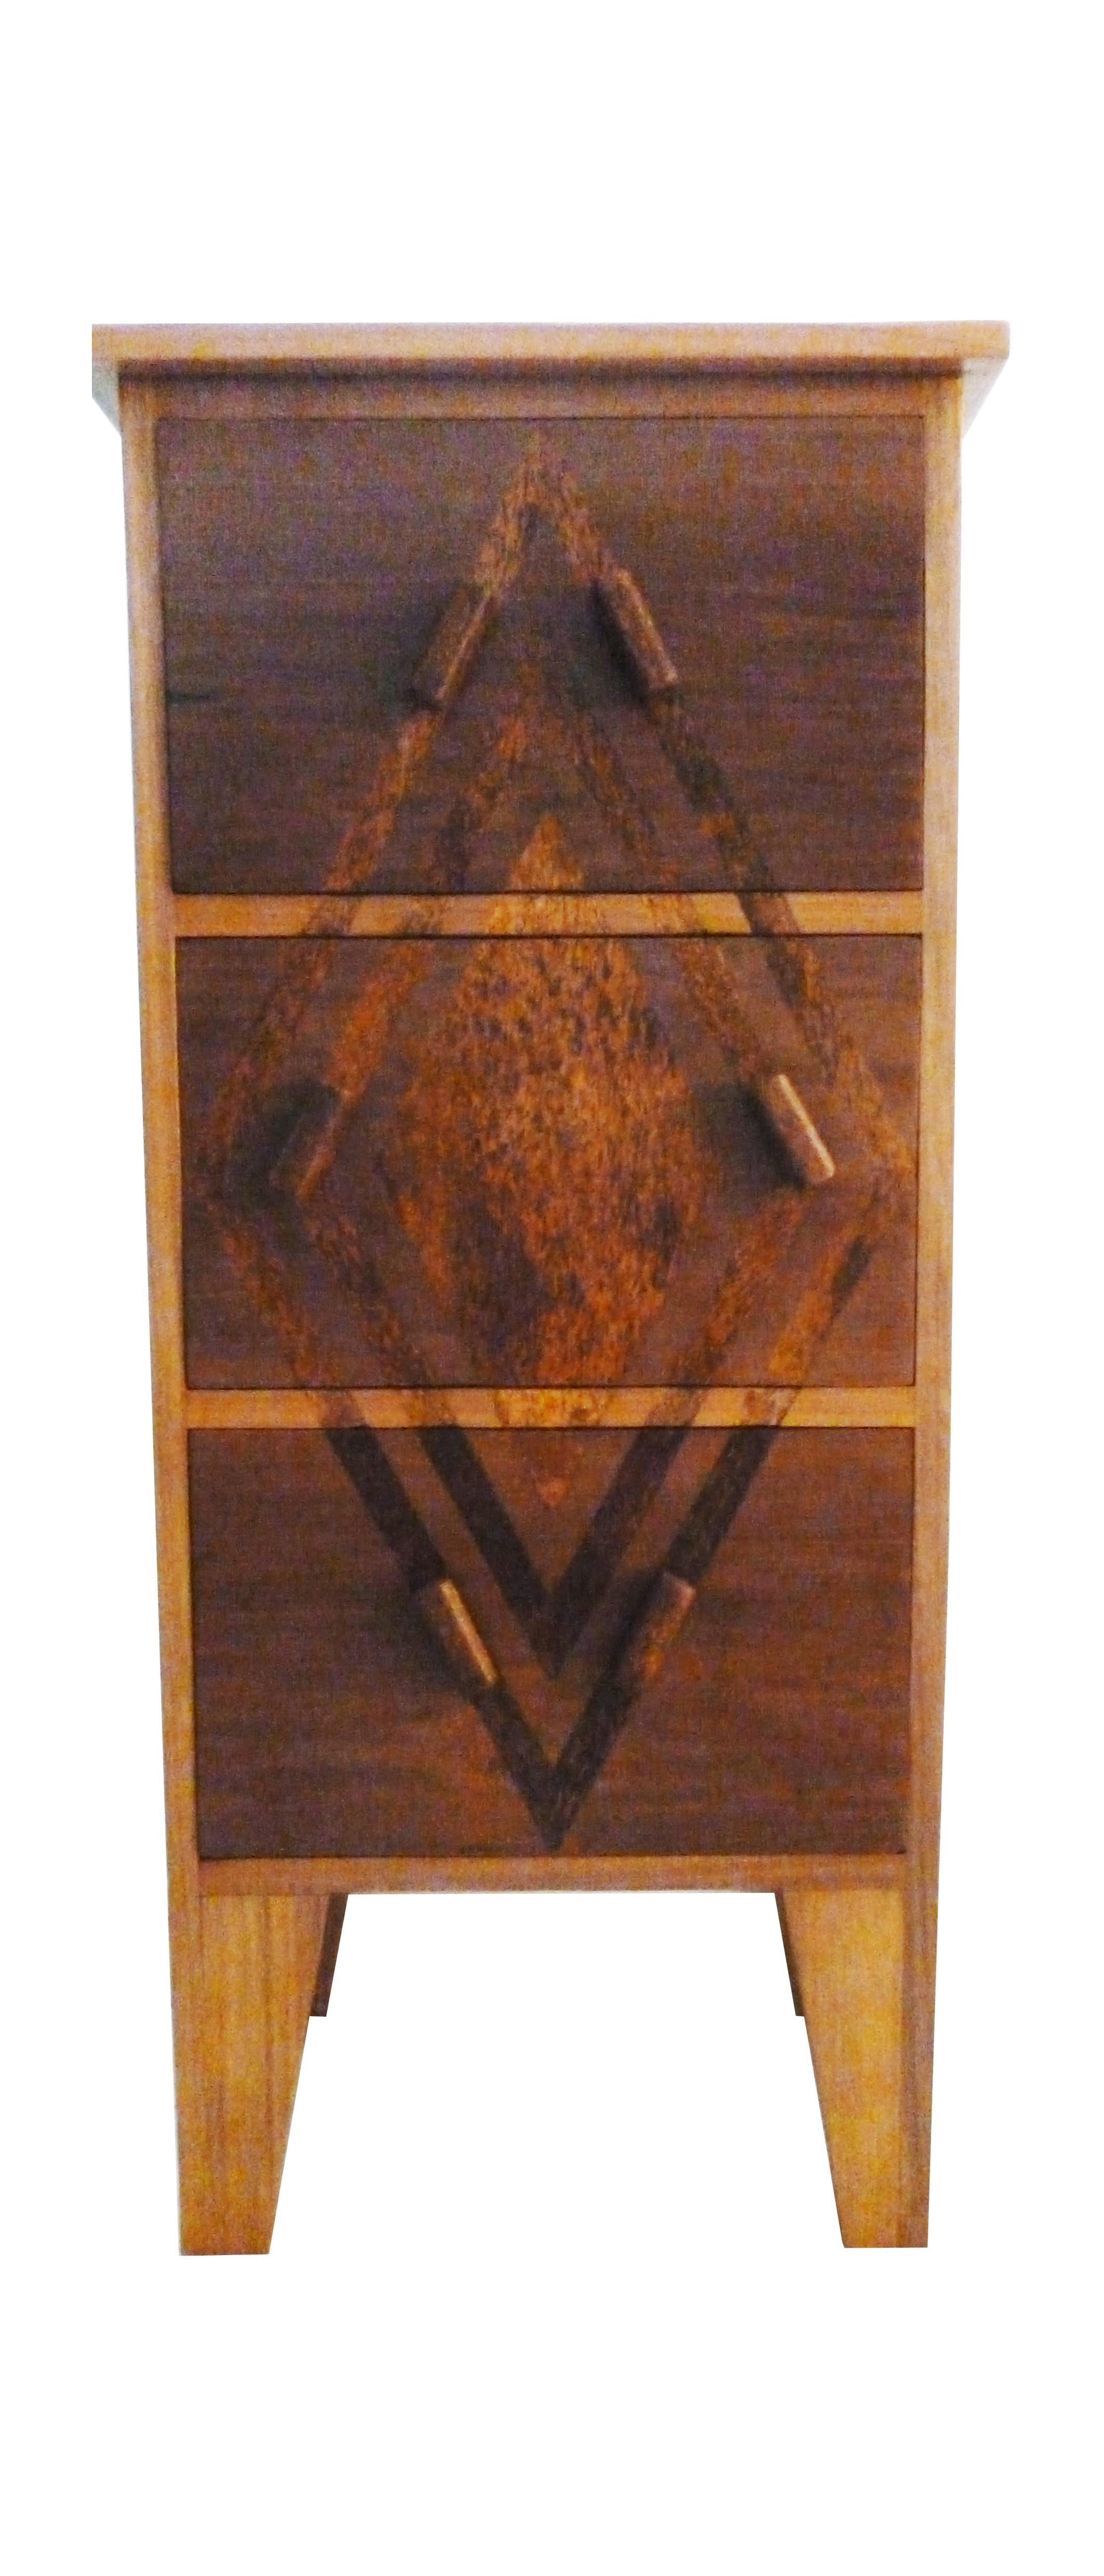 les armoires buffets commodes classiques art d co contemporains galerie arte. Black Bedroom Furniture Sets. Home Design Ideas